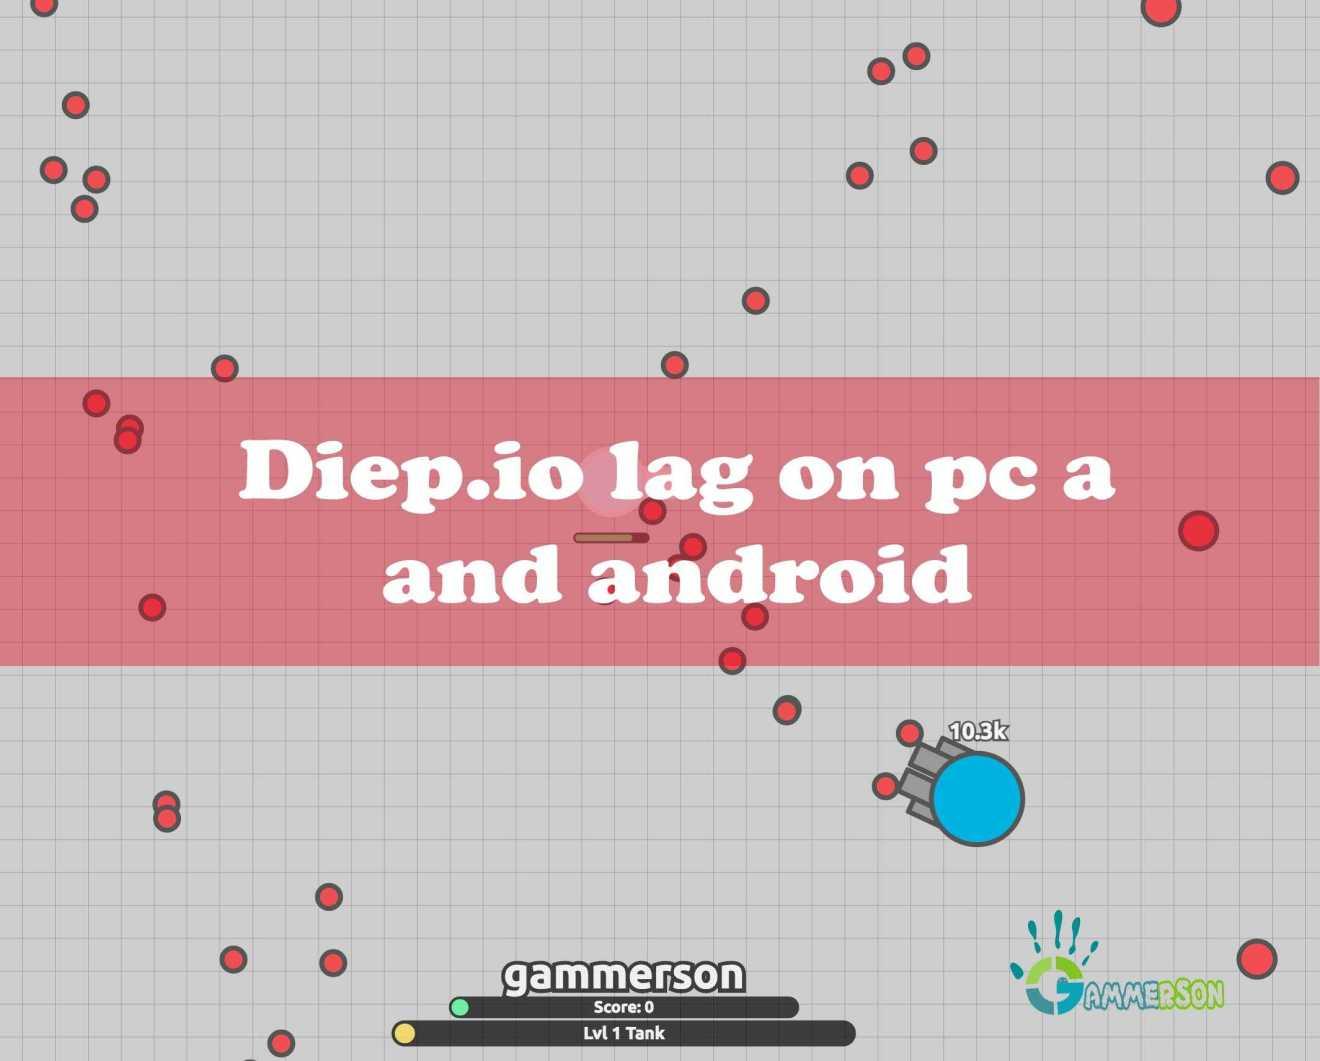 diep.io lagging on pc fix